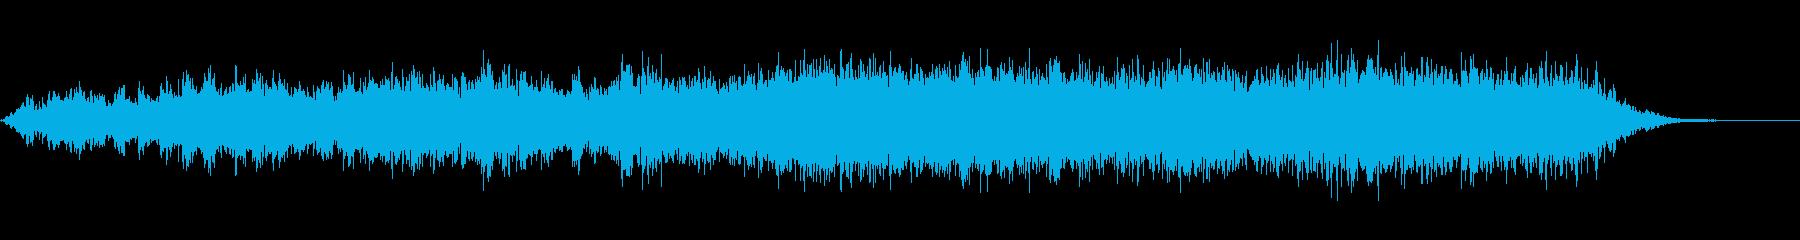 不安にさせる持続音60secの再生済みの波形